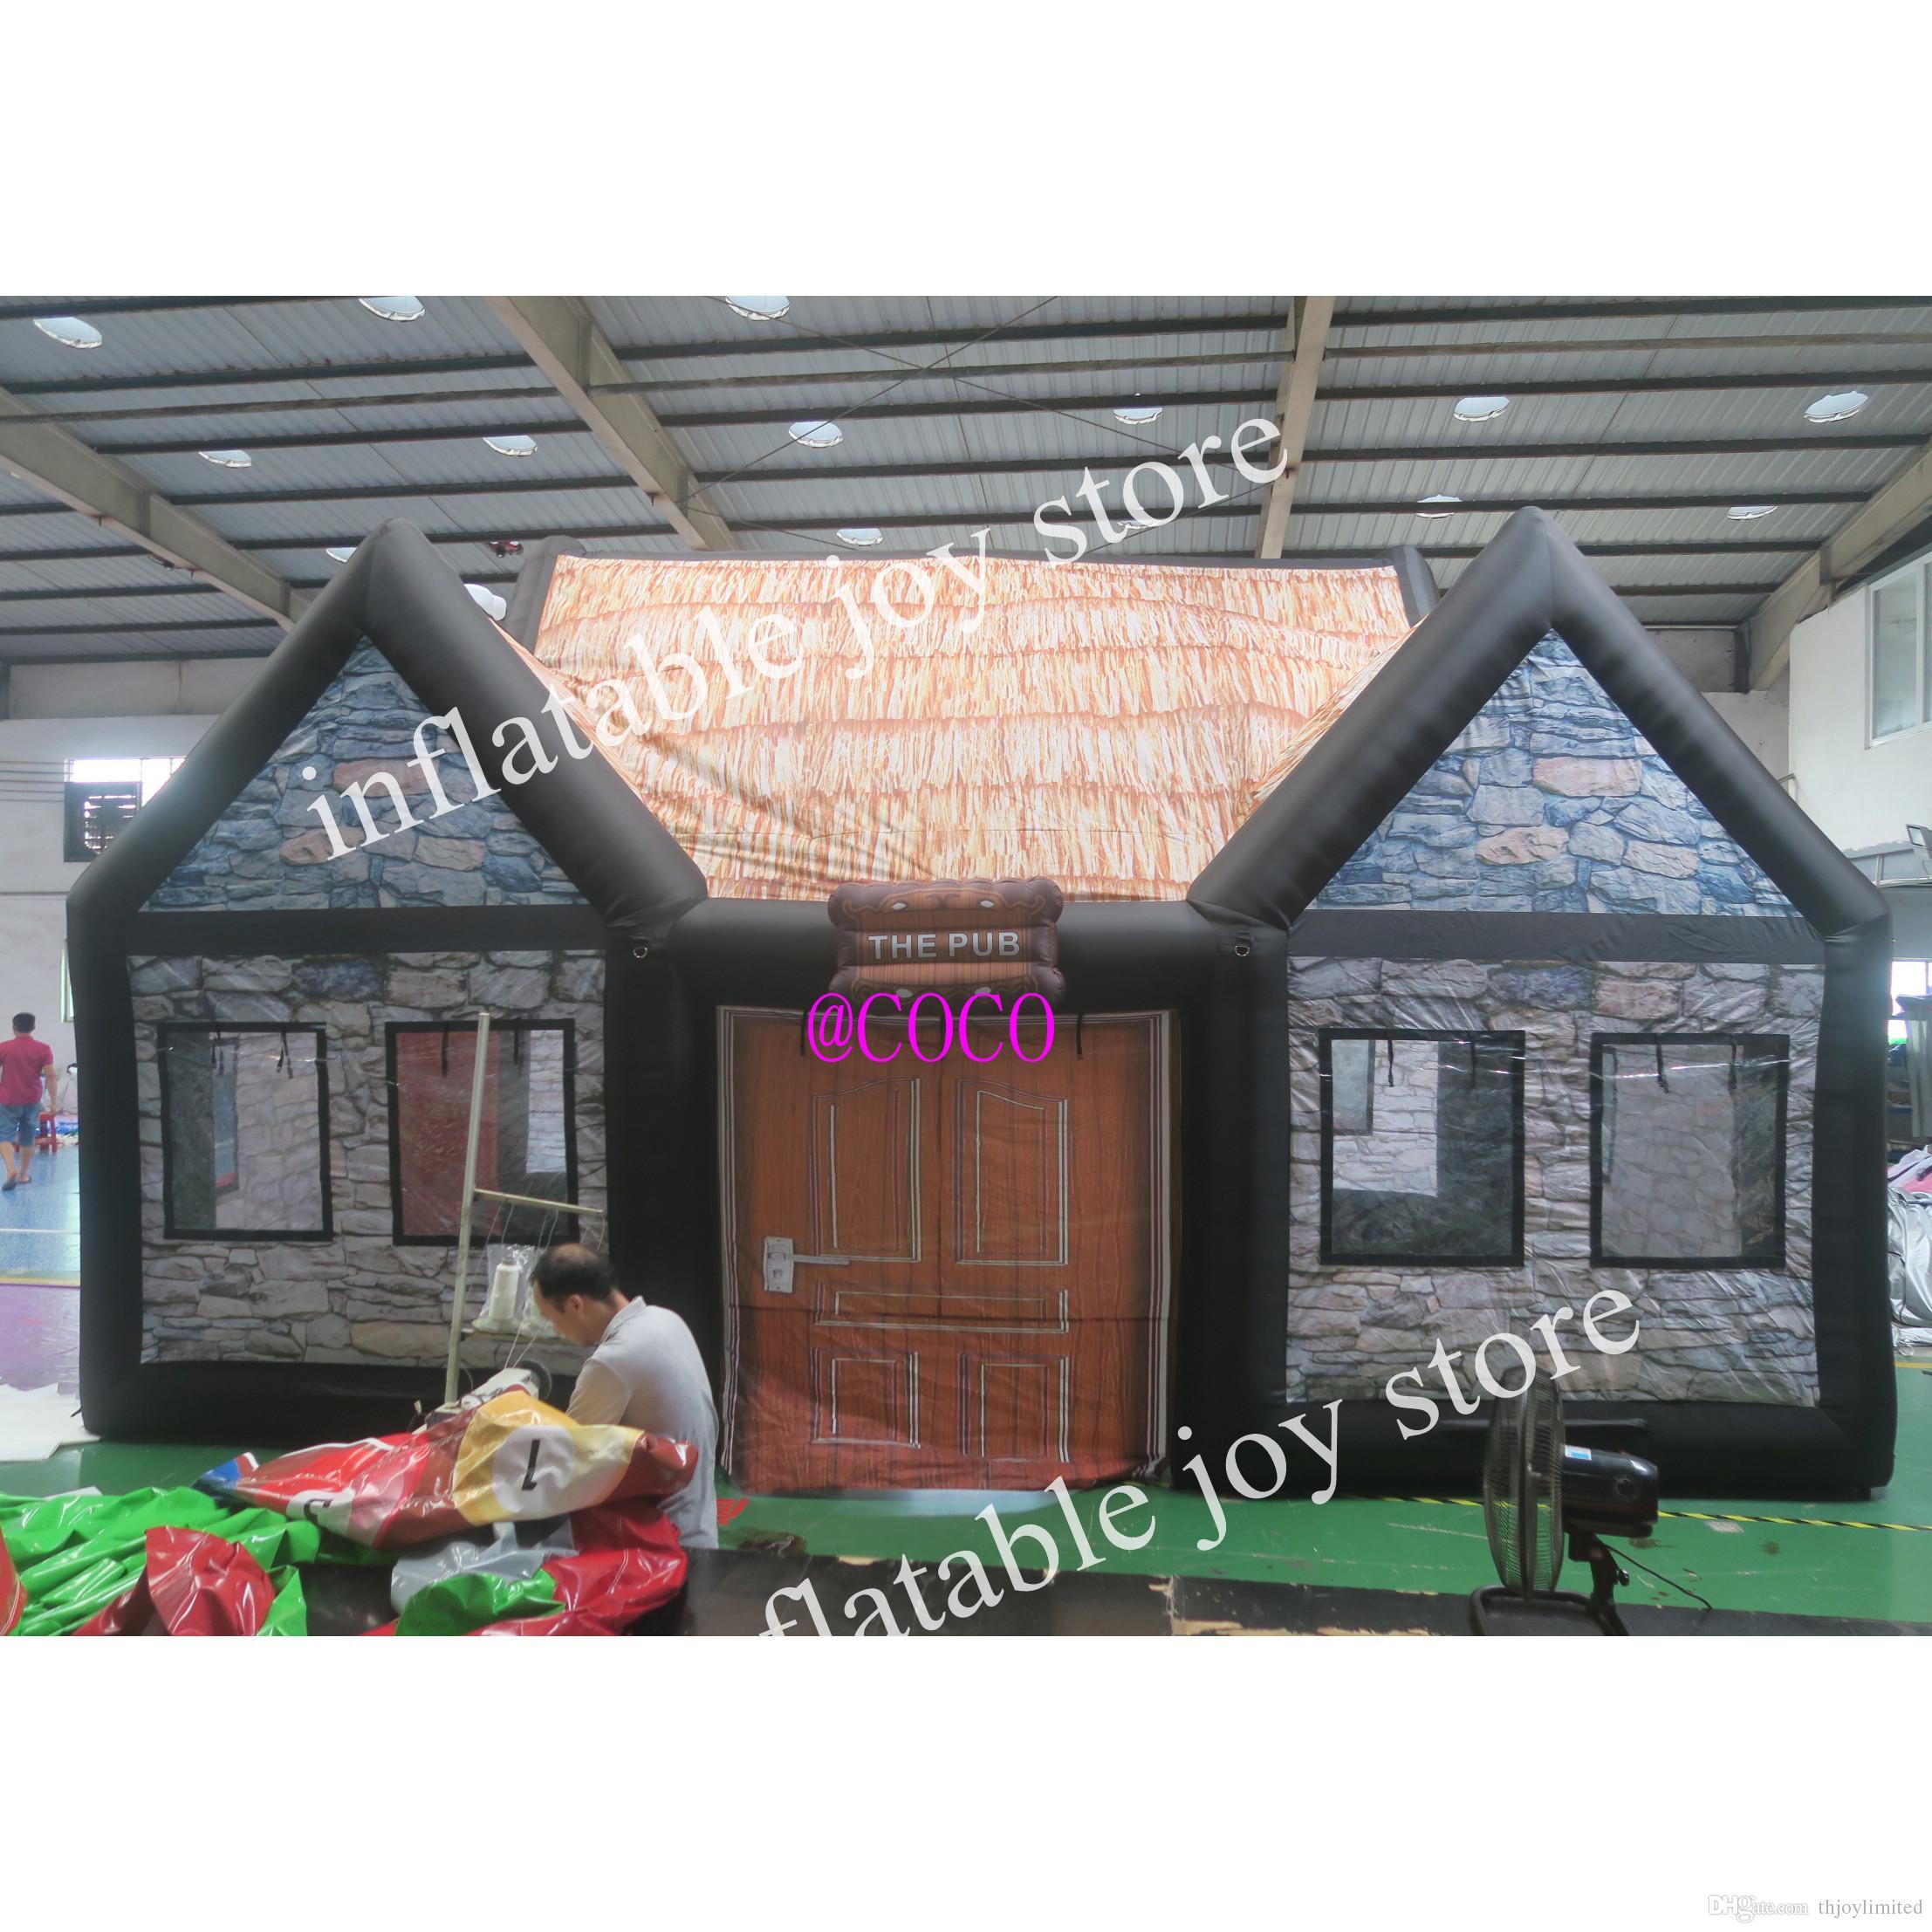 مخصصة للنفخ الأيرلندية حانة خيمة، في الهواء الطلق الحزب الشعبي خيمة البيت نفخ بار خيمة نوعية جيدة تفجير غرفة حانة